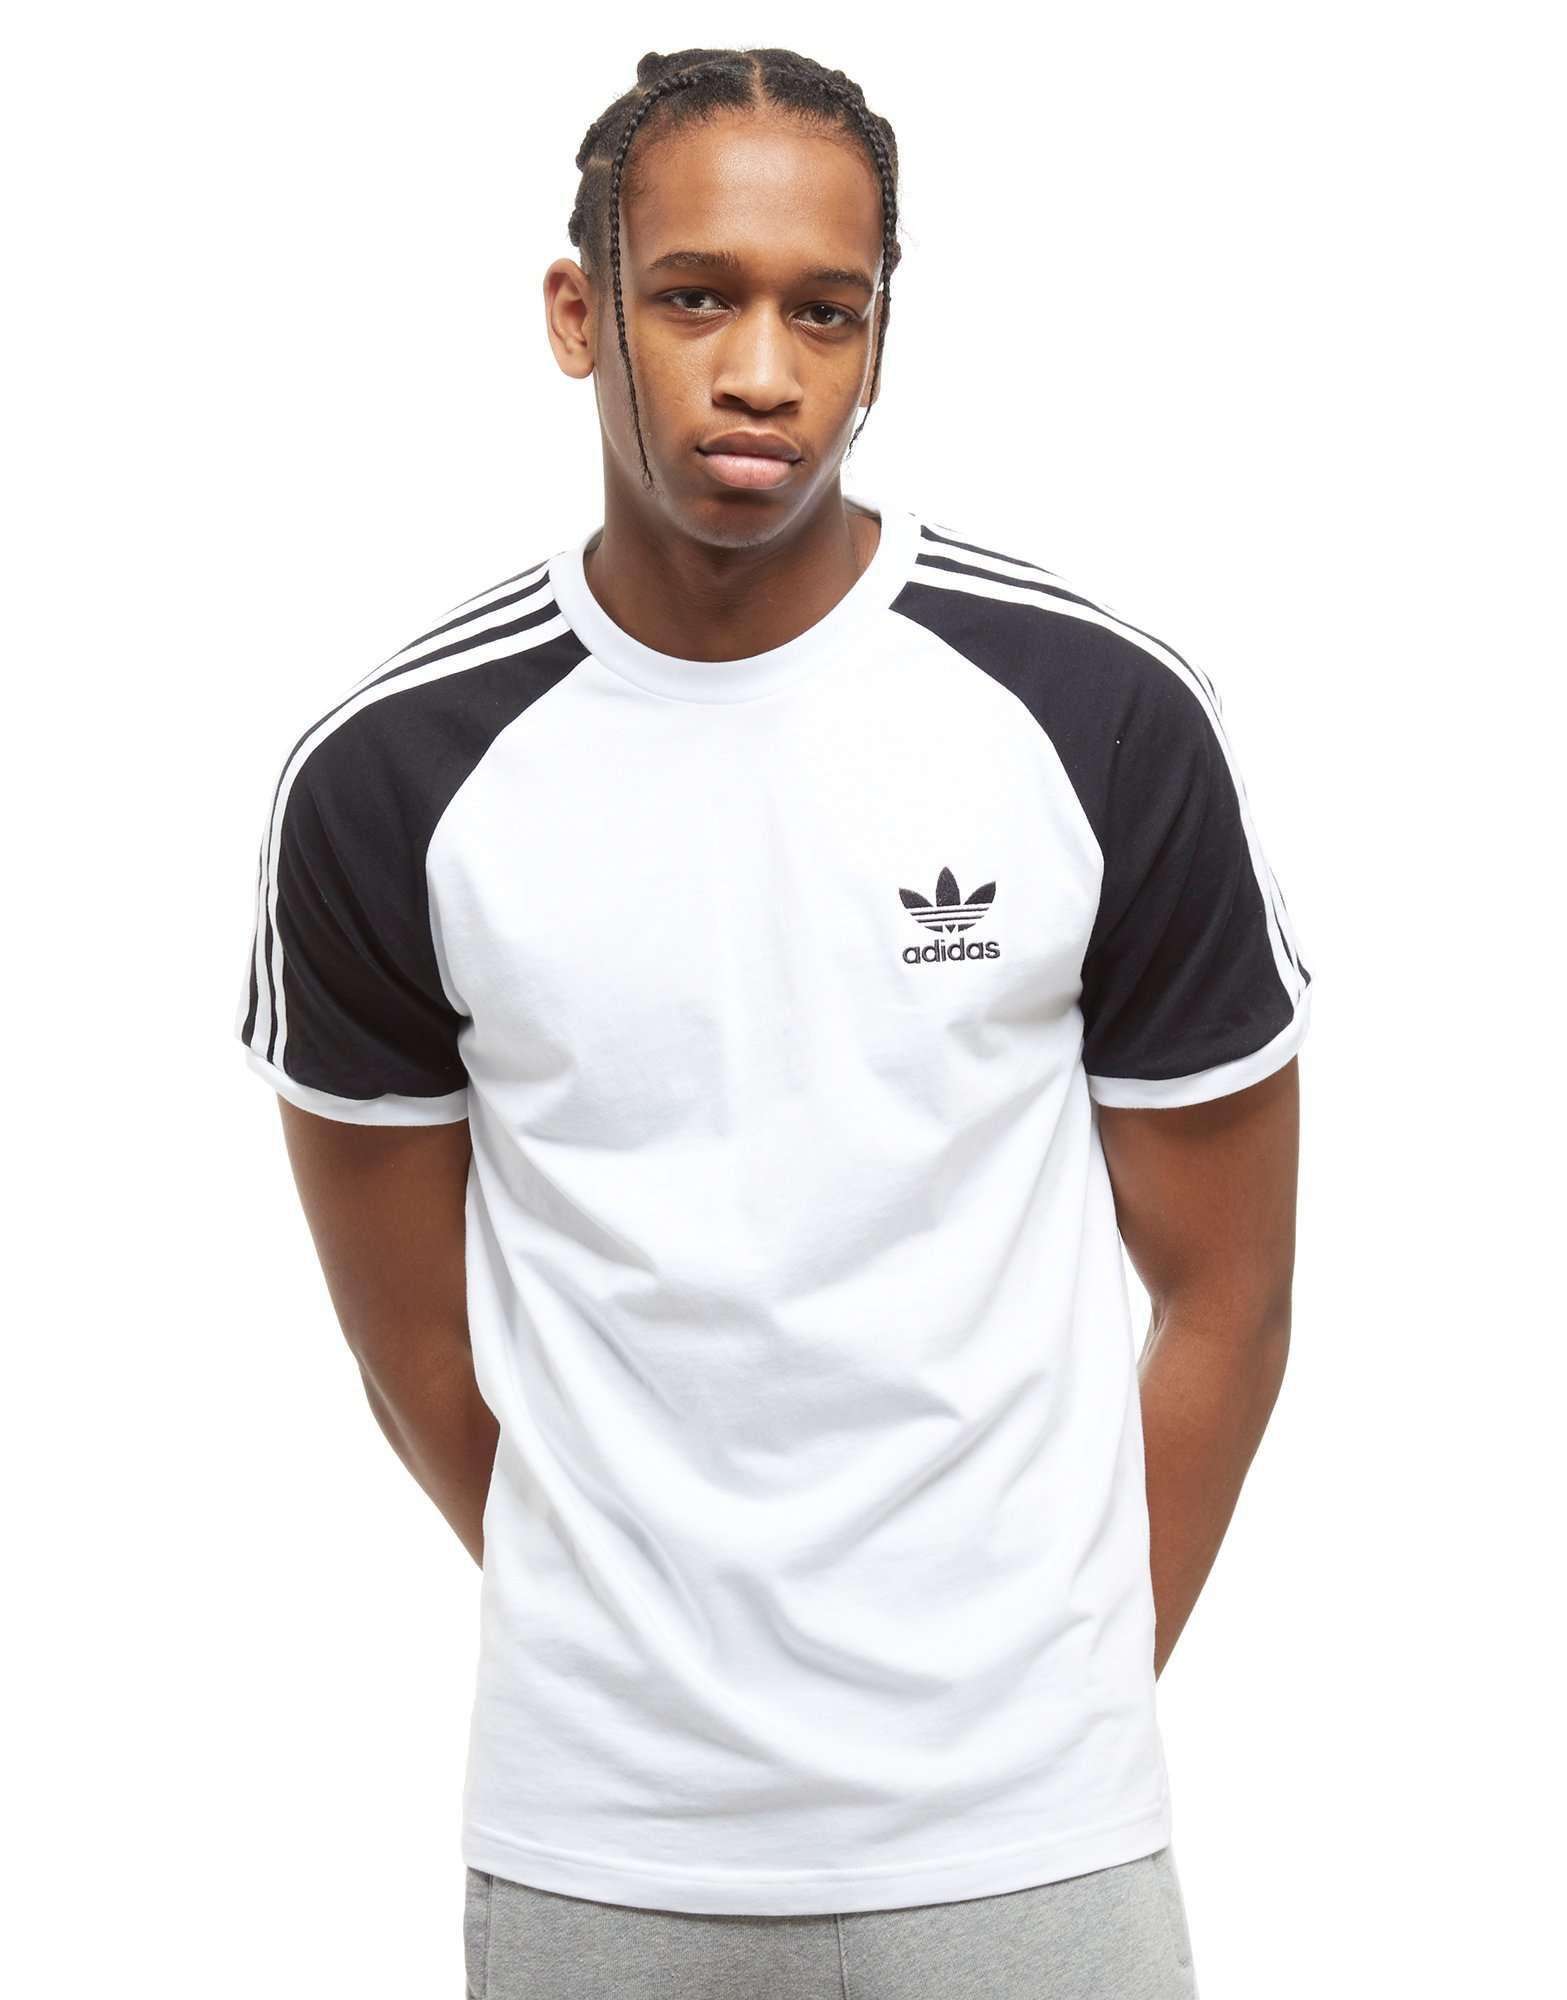 Originals Shop Shirt Sleeve Online Adidas Raglan California For T qVSMzGpU